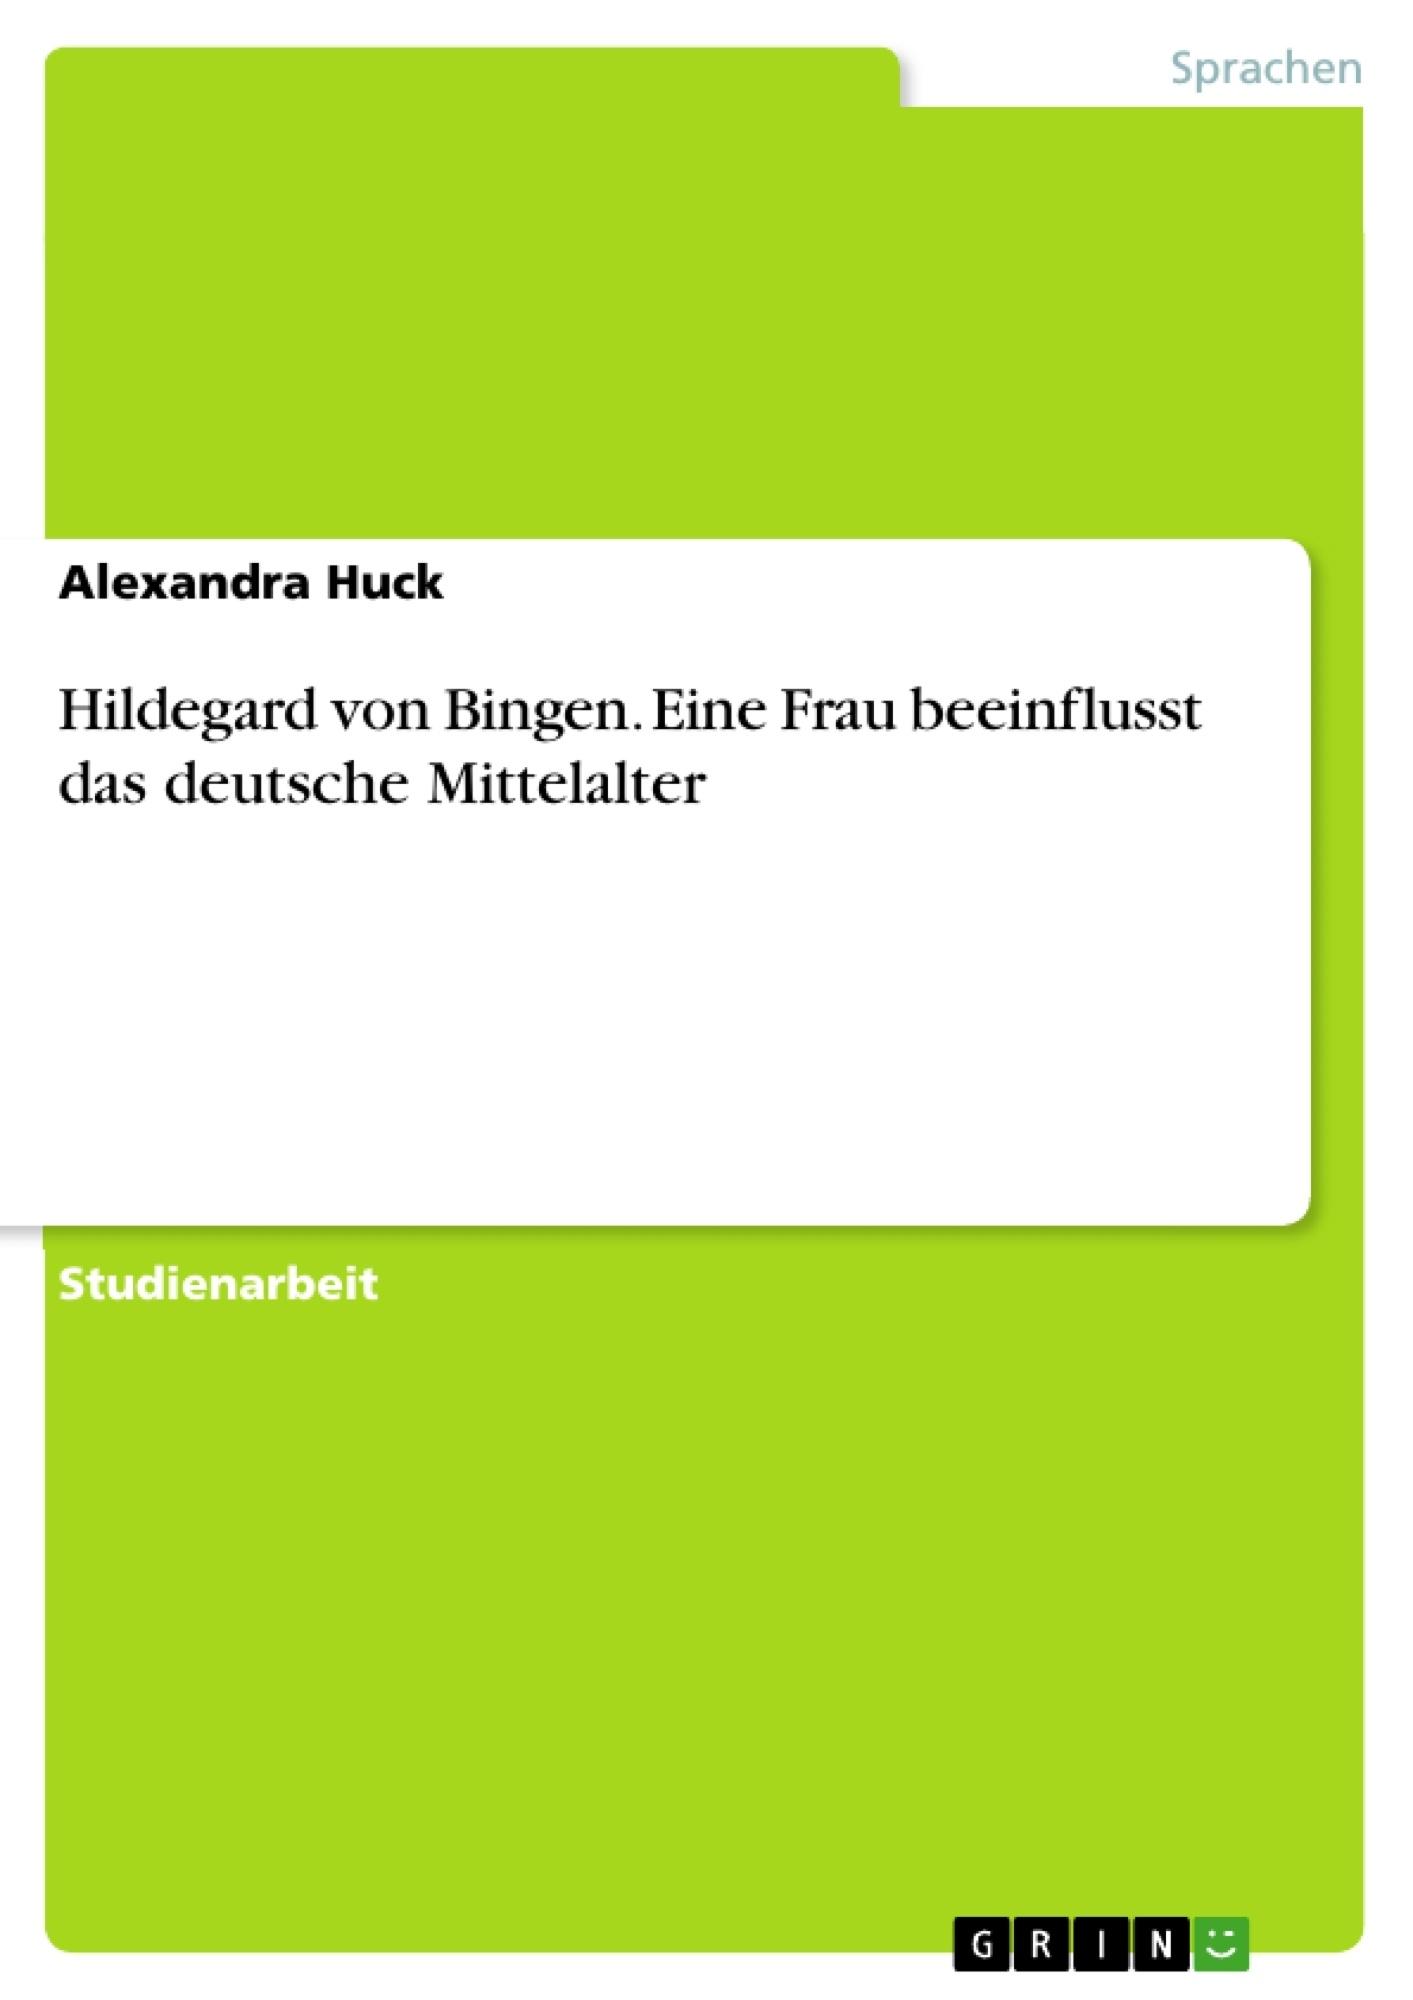 Titel: Hildegard von Bingen. Eine Frau beeinflusst das deutsche Mittelalter